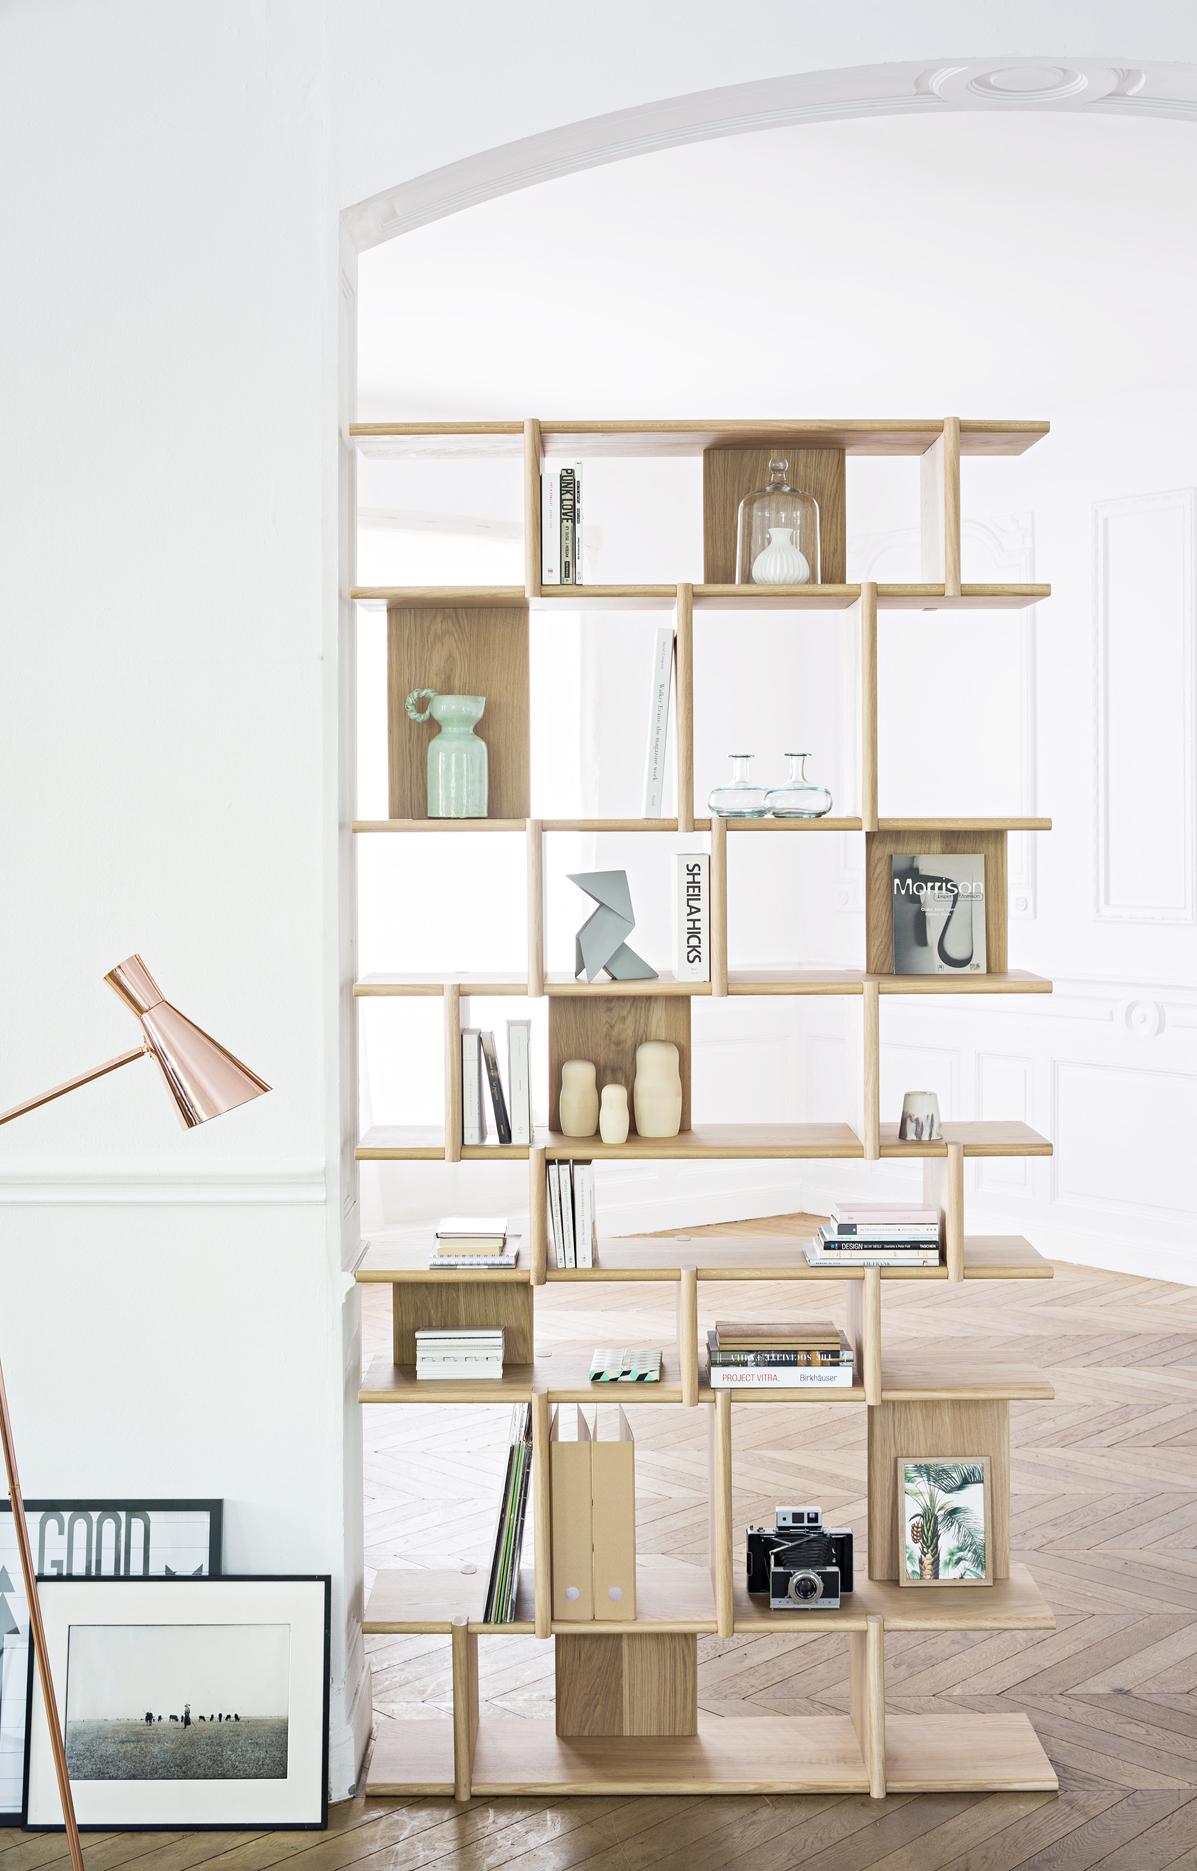 Junddo Nouvelle Maison D Dition Fran Aise De Mobilier Design  # Model De Meuble Simple A La Maison